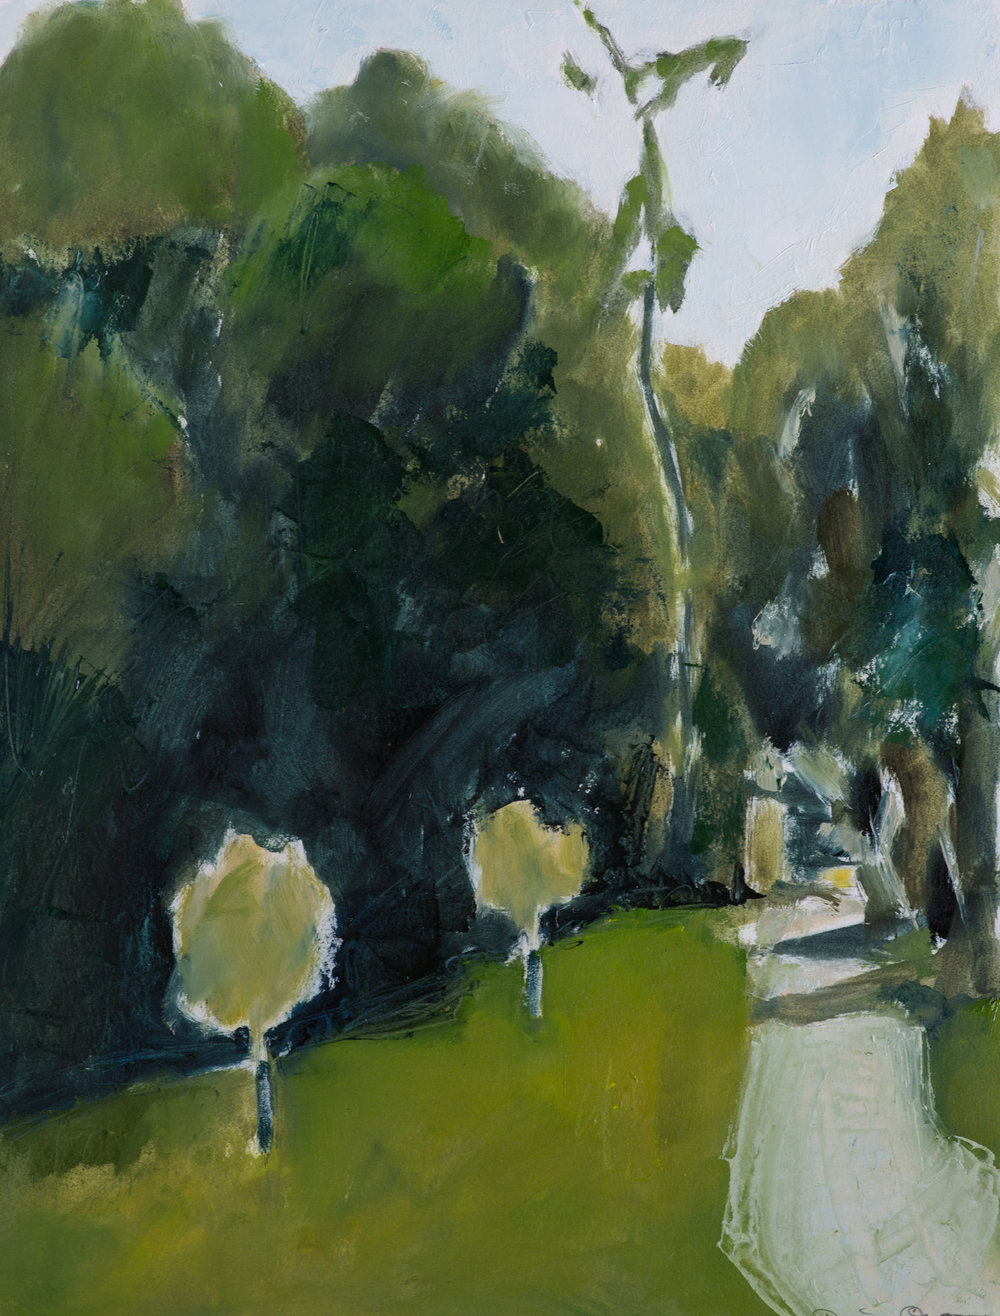 #8 9x12 oil paint